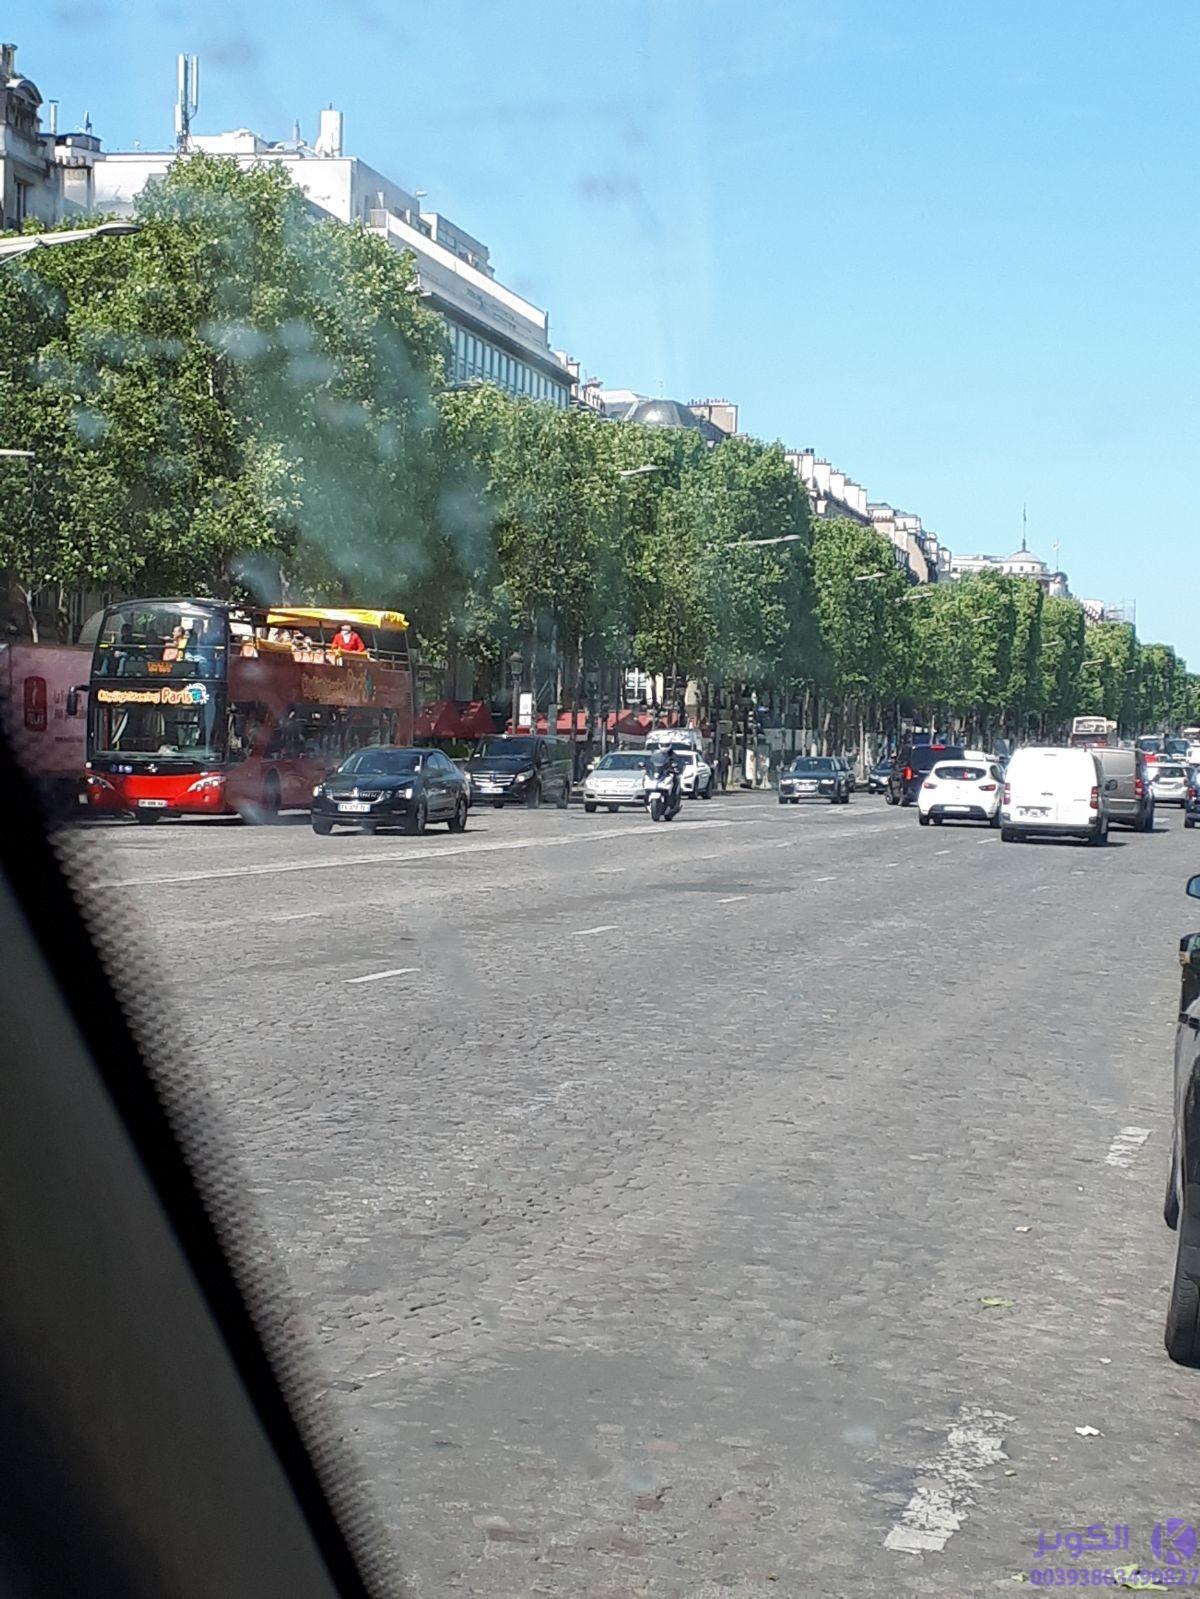 السياحة في ميلان , السياحة في ايطاليا ميلانو , فنادق ميلان ساحة الدومو , شركة سياحة ايطاليا , شركة سياحة في ايطاليا